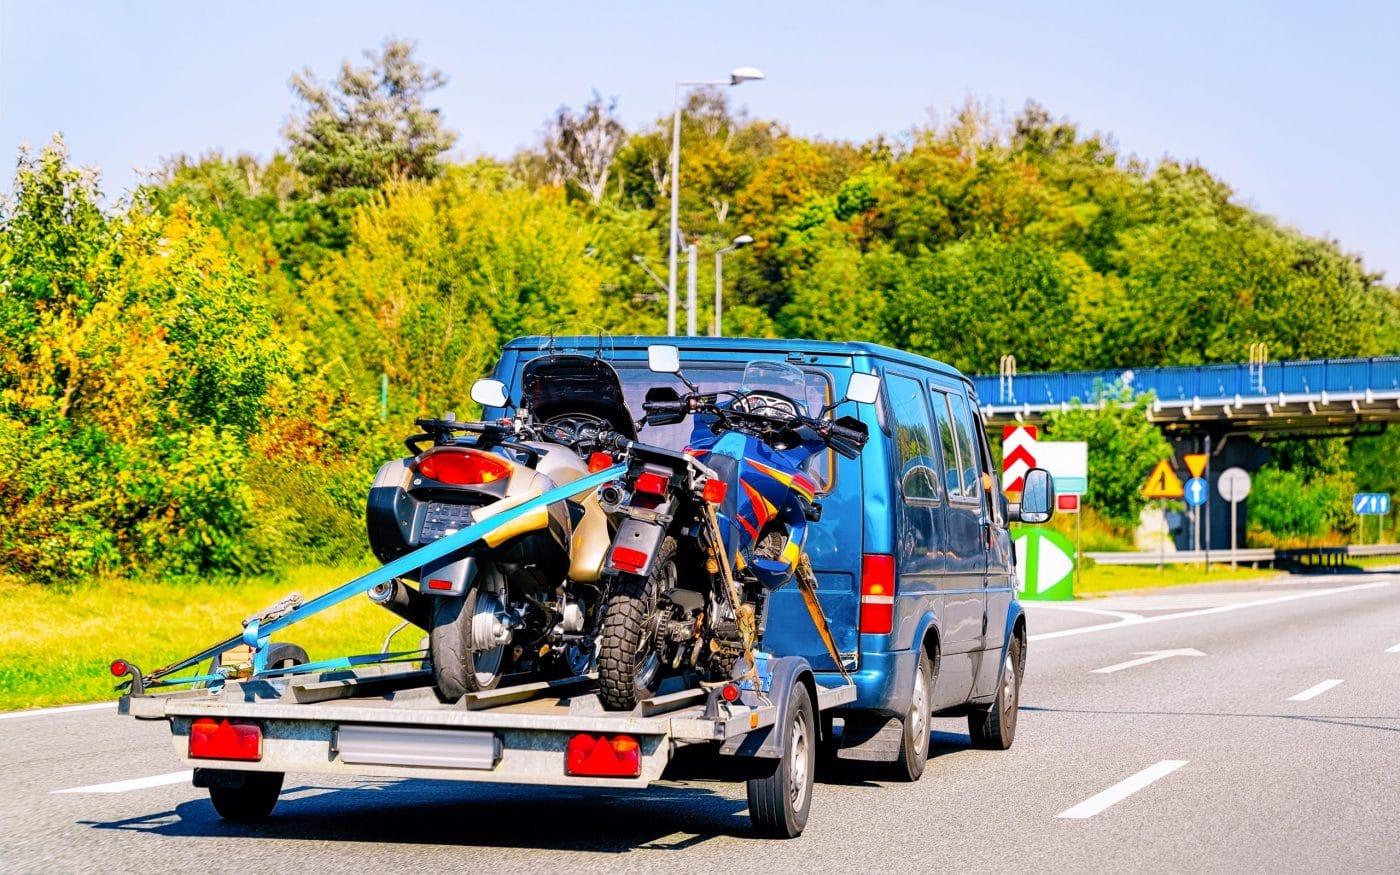 Een motor importeren: alles waarop je moet letten